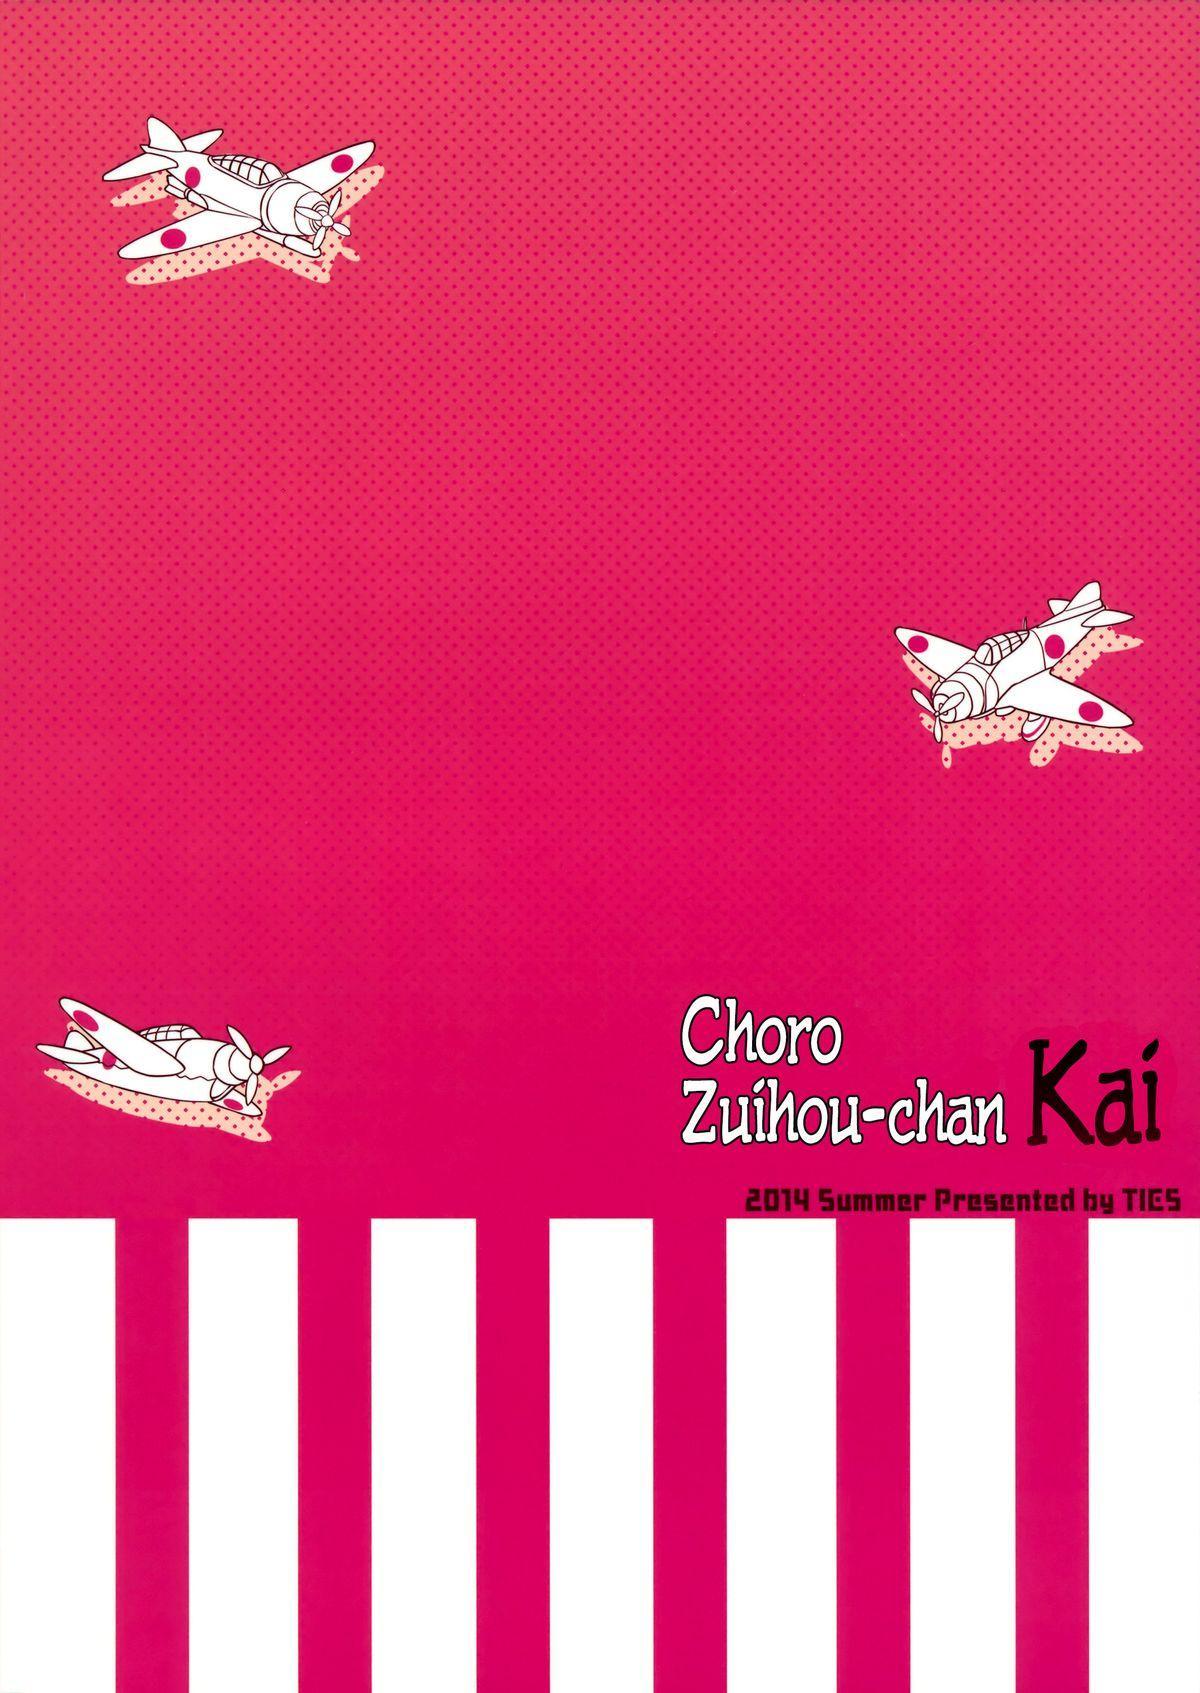 Choro Zuihou-chan Kai 29